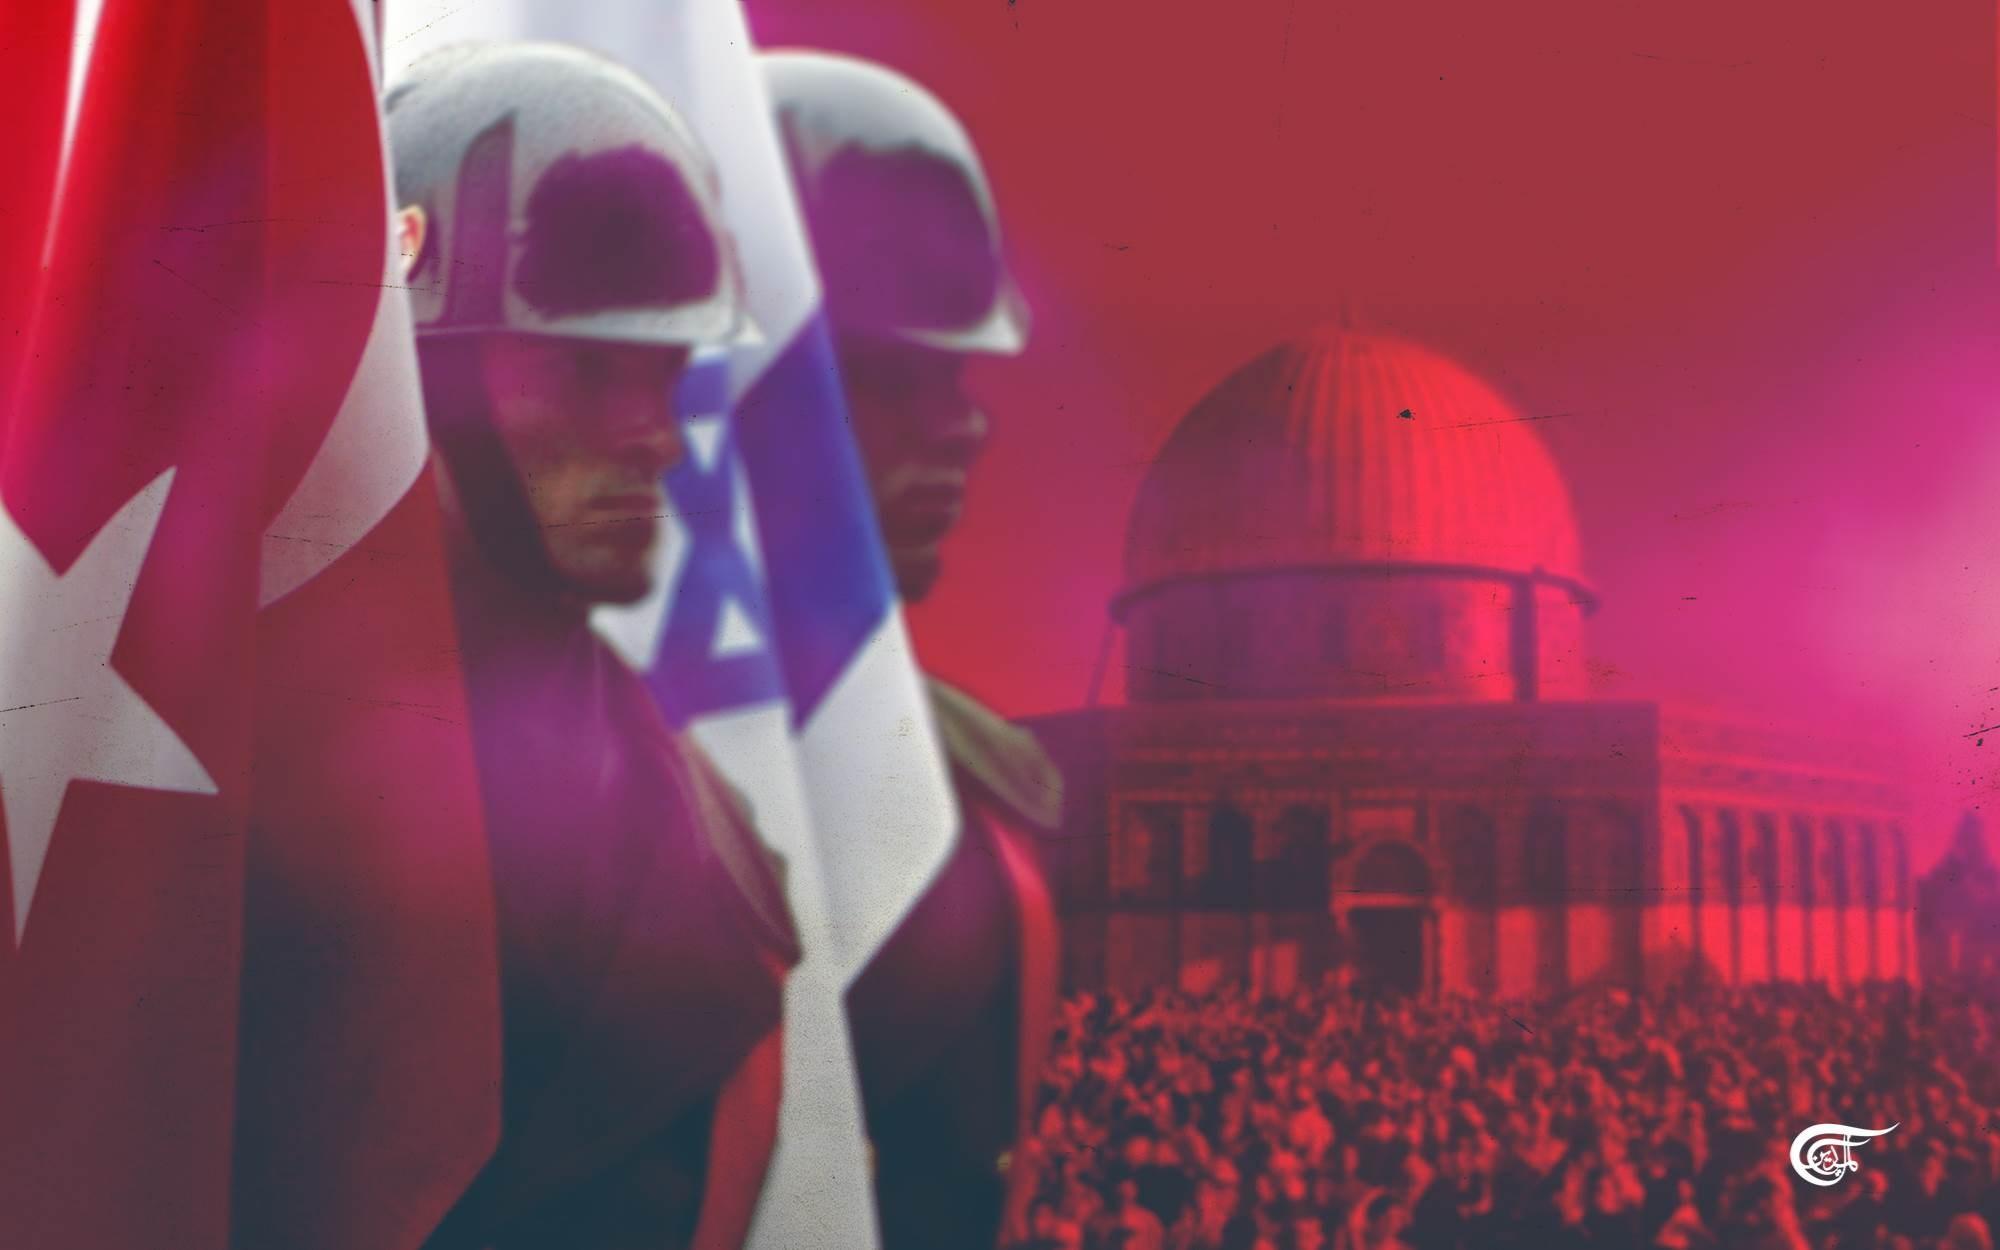 جاء حكم العدالة والتنمية بعد انتخابات نهاية العام 2002، ليفتح صفحة جديدة في الموقف الرسمي التركي تجاه القضية الفلسطينية